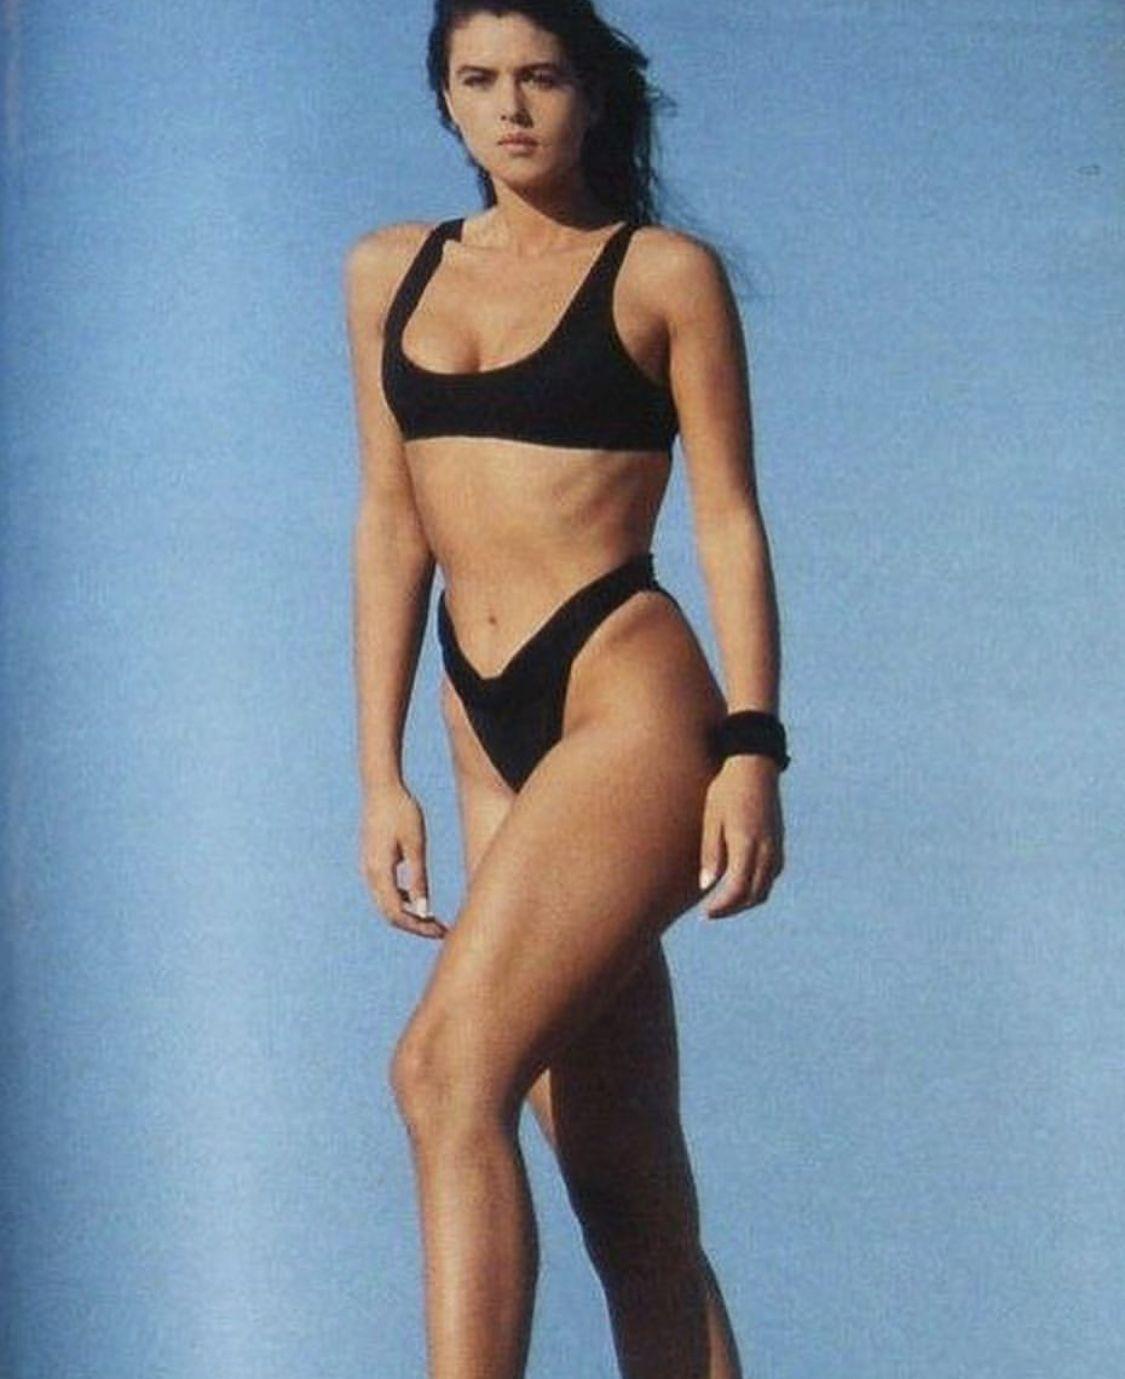 Mónica Bellucci 2103 | Monica bellucci bikini, Monica bellucci, Monica